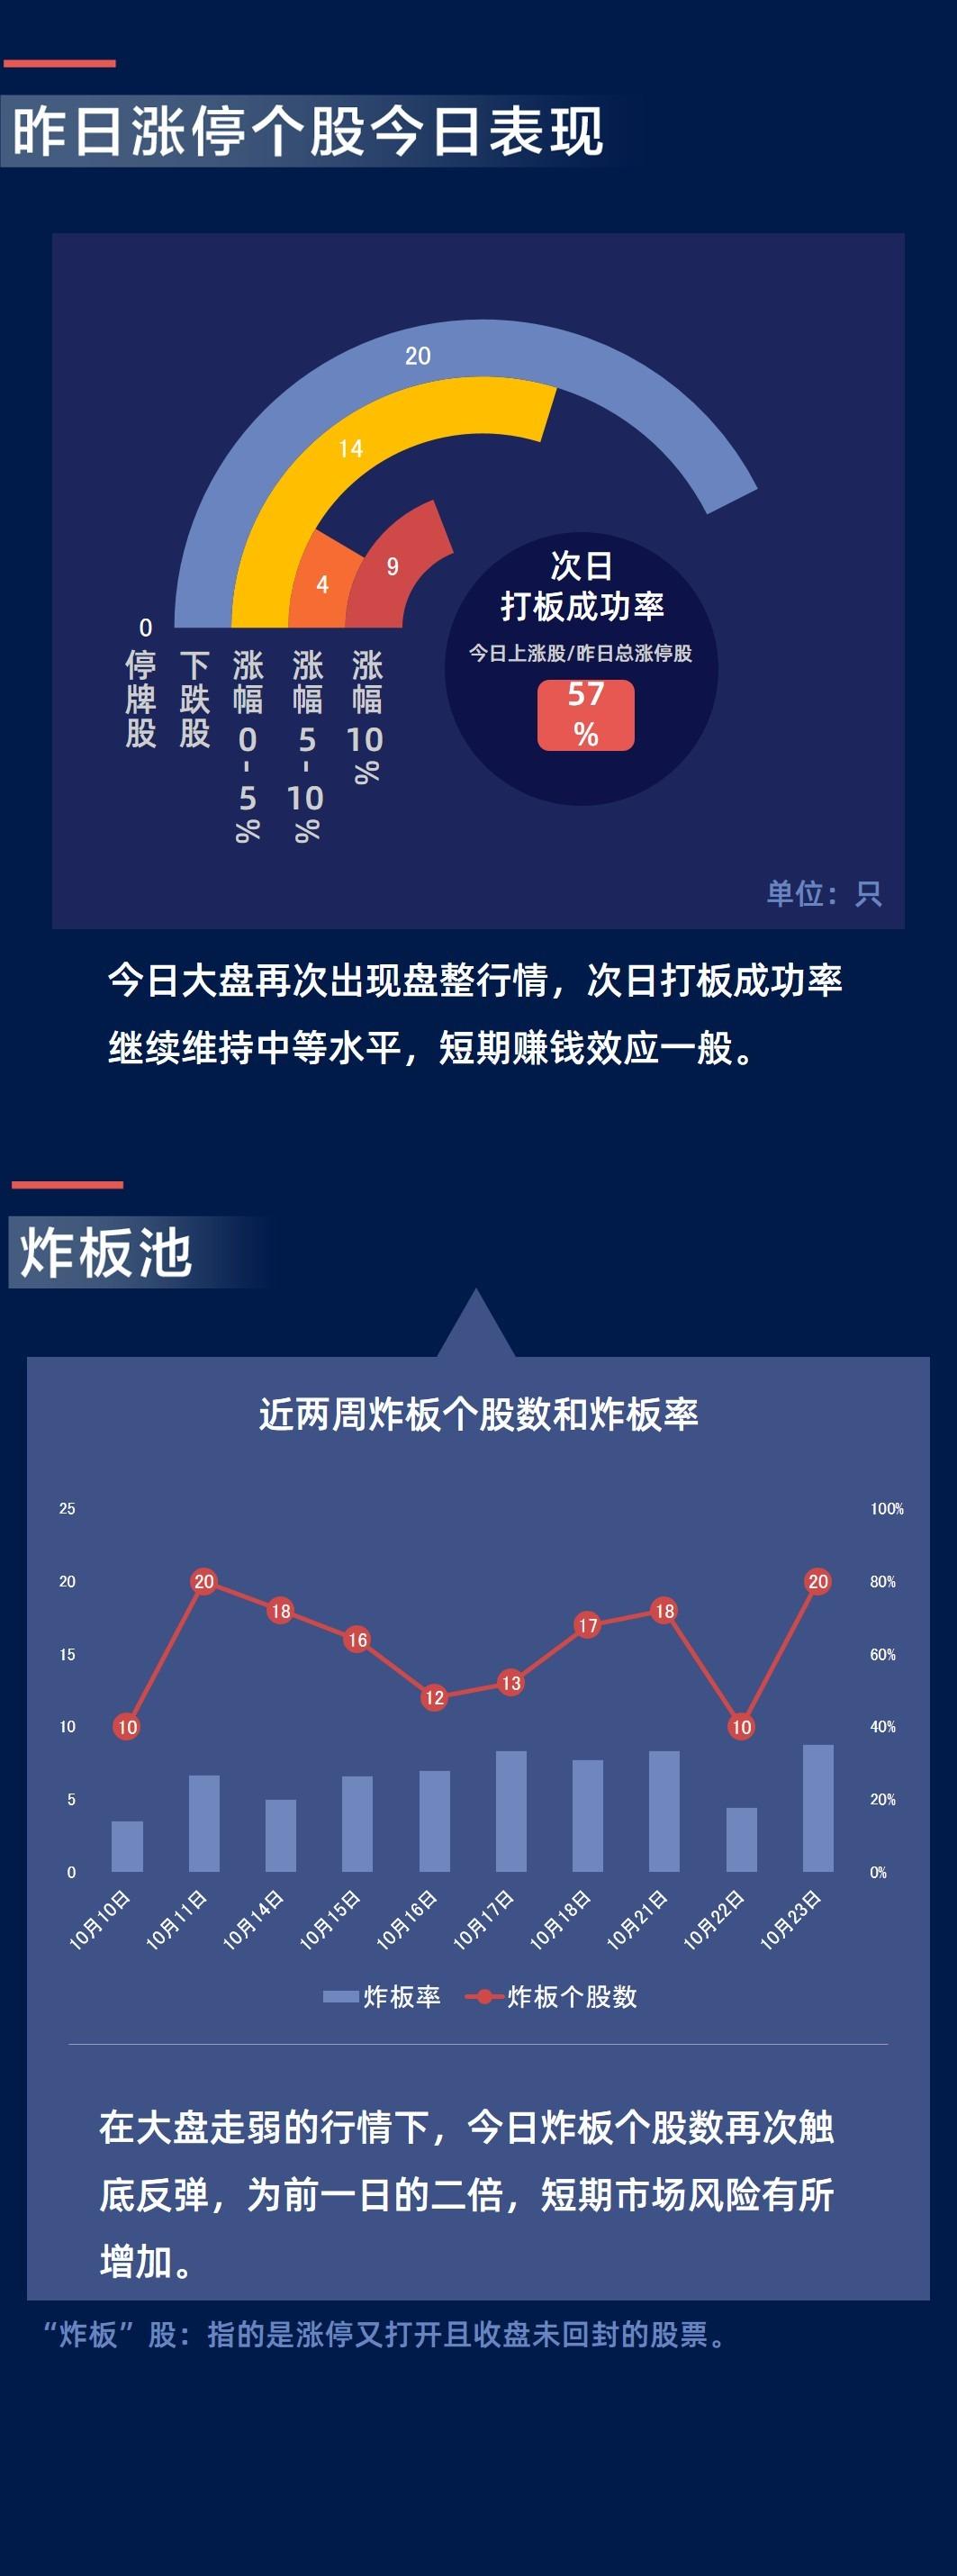 888gjcom,上交所公益扶贫项目:格桑花之爱